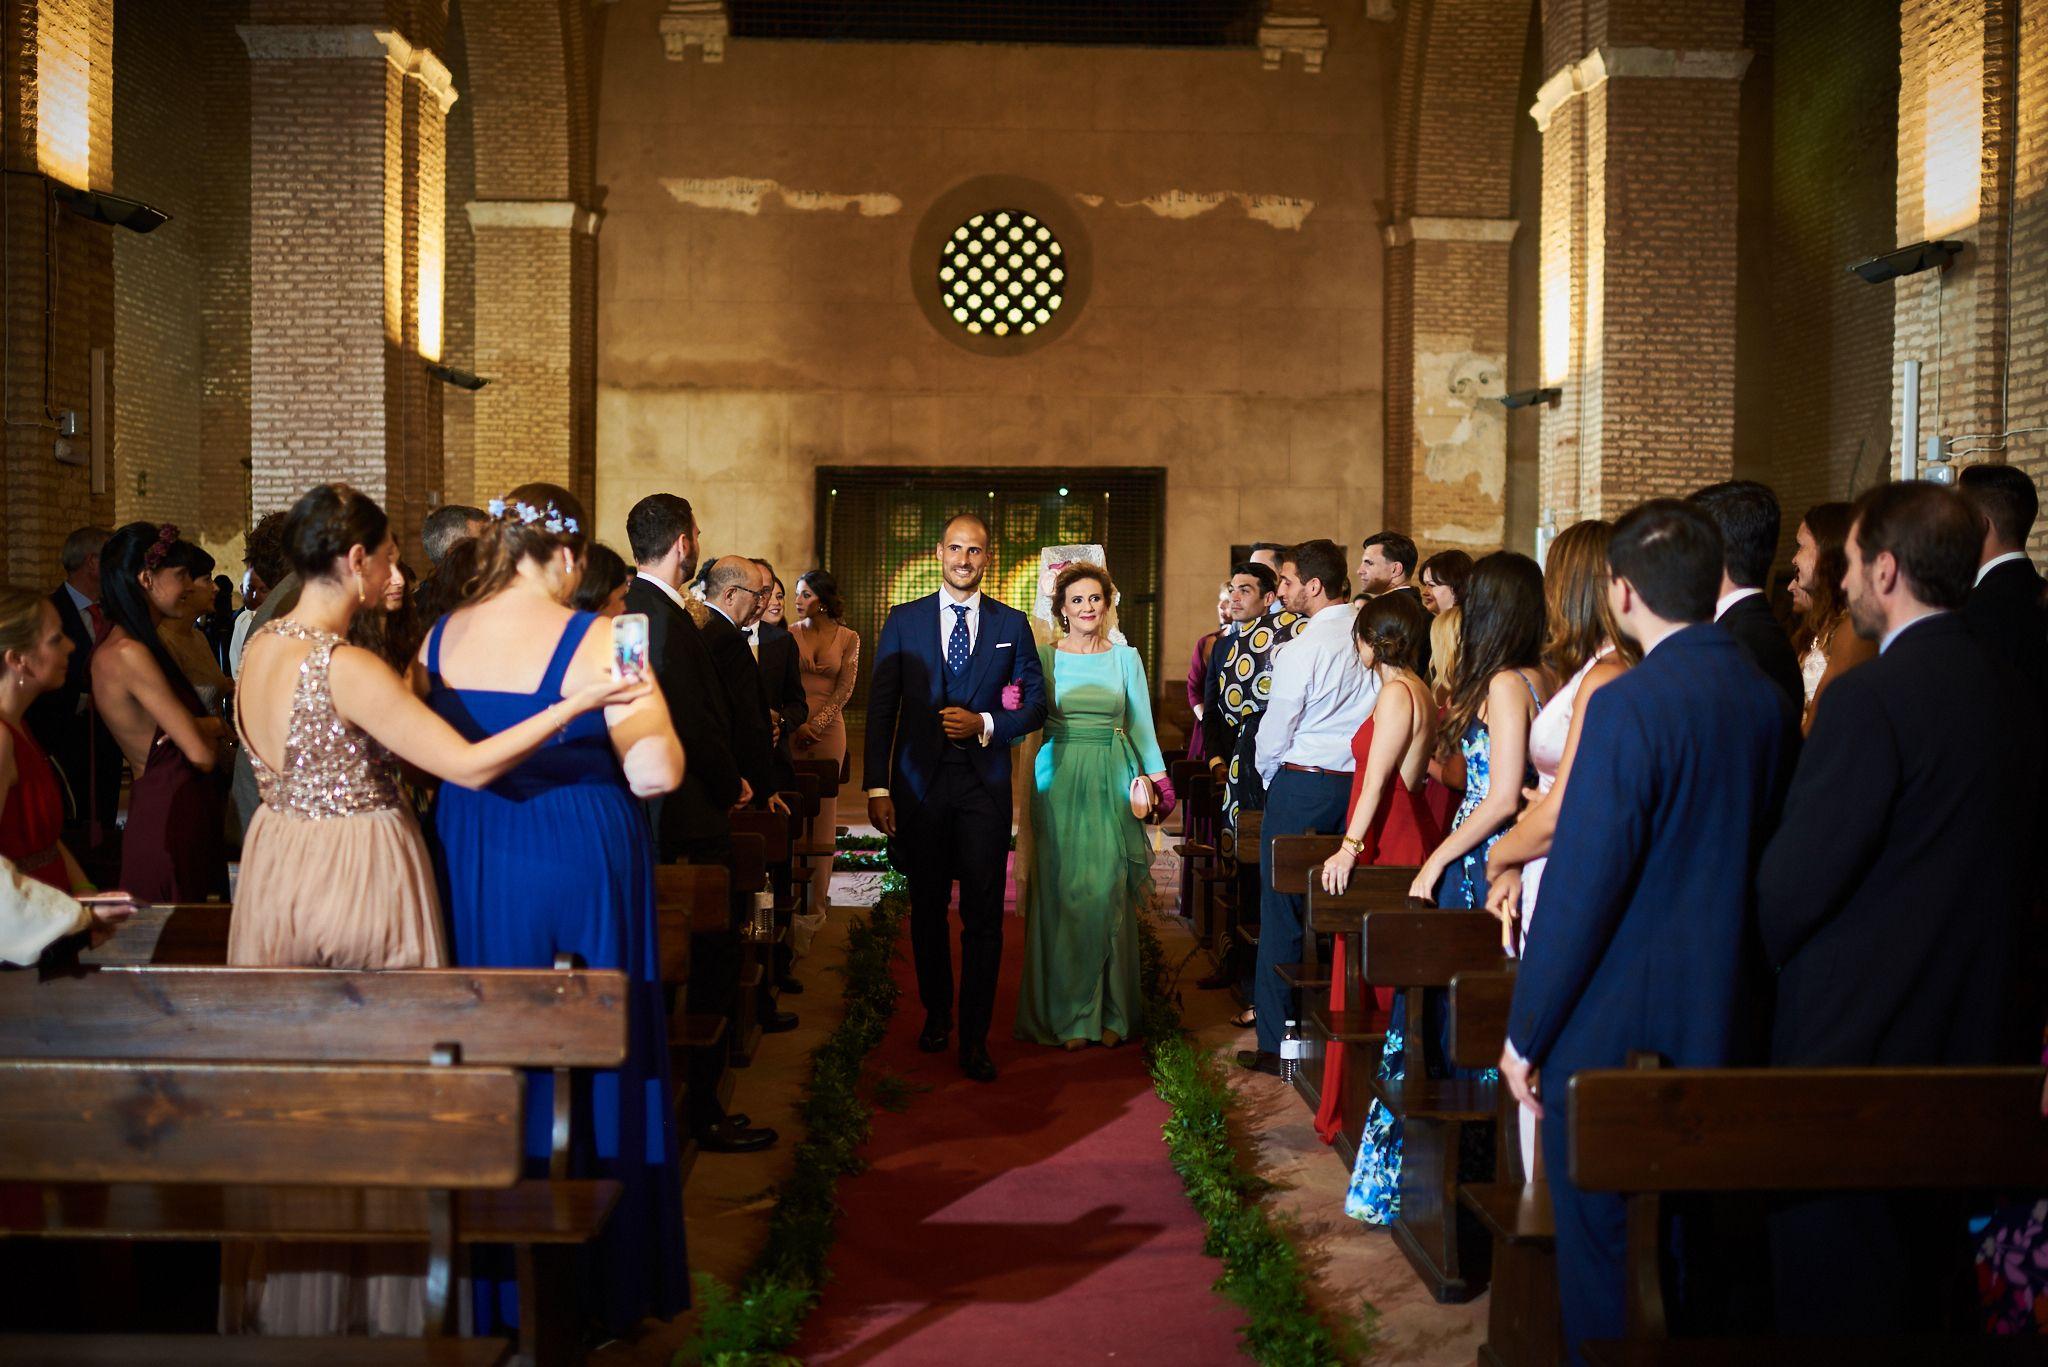 La-22Destination-Wedding22-en-Moguer-de-Lauren-y-JosC3A9-Antonio-JoseAntonio-alejandromarmol1056.jpg